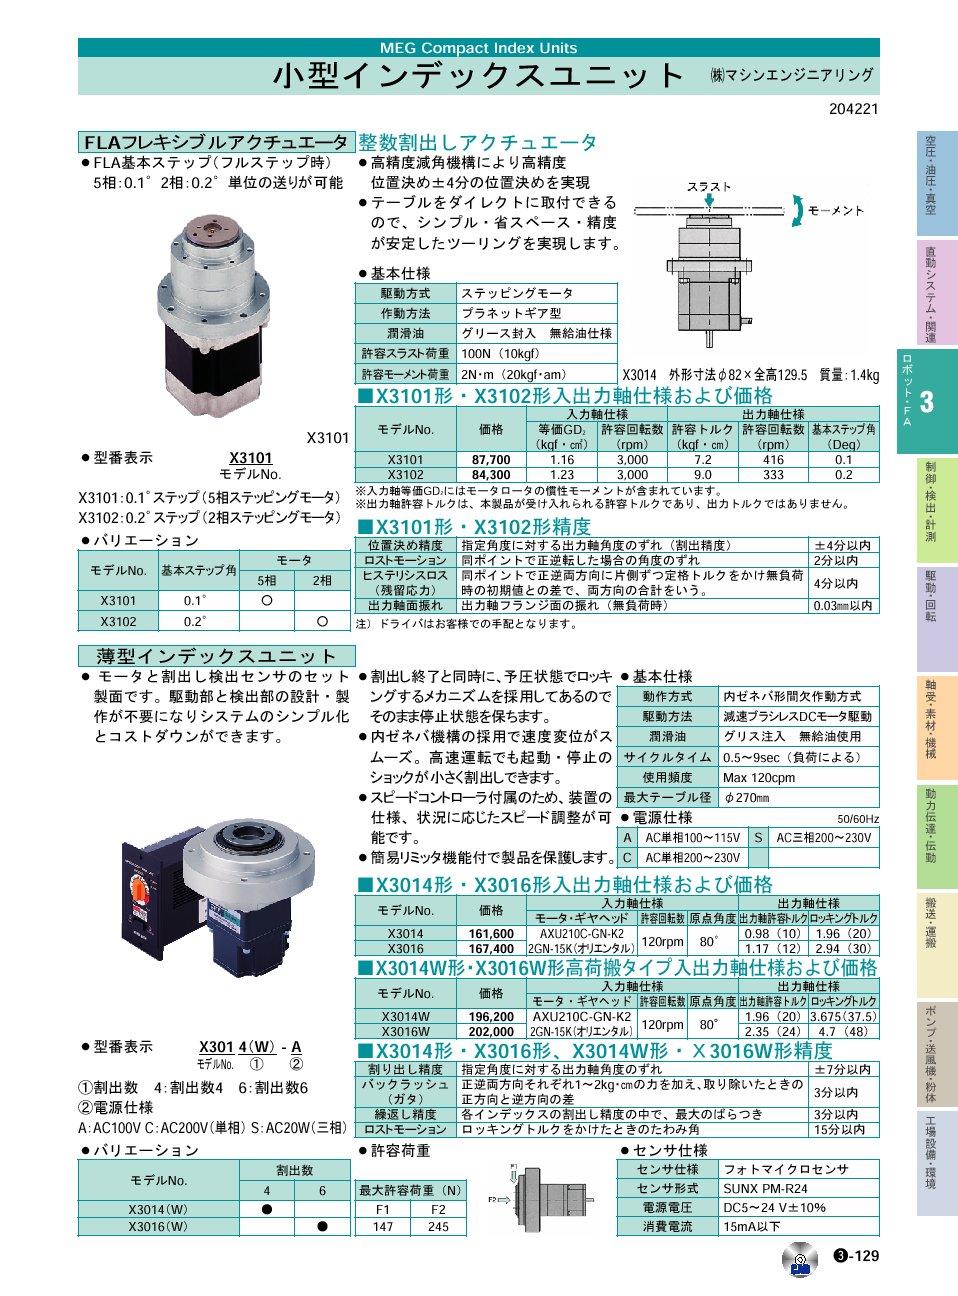 小型インデックスユニット|(株)...